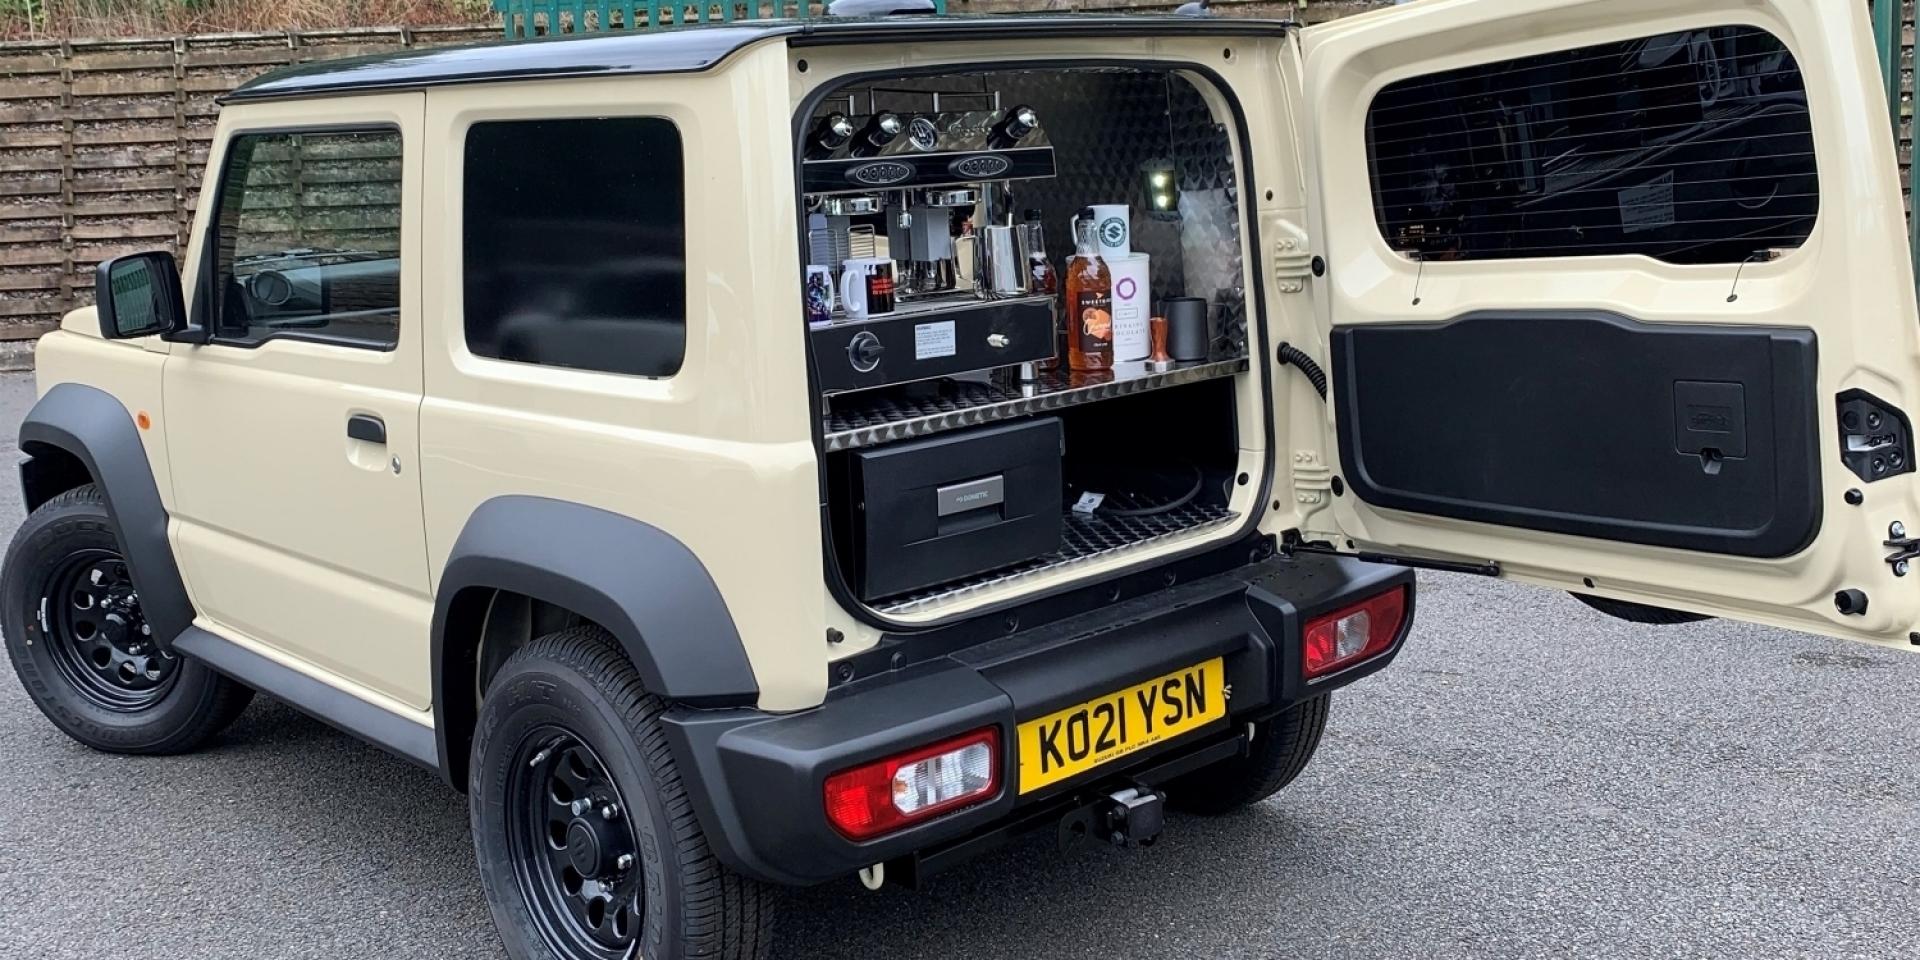 這是台有味道的車!Suzuki 改了一台Jimny Beans專屬咖啡車